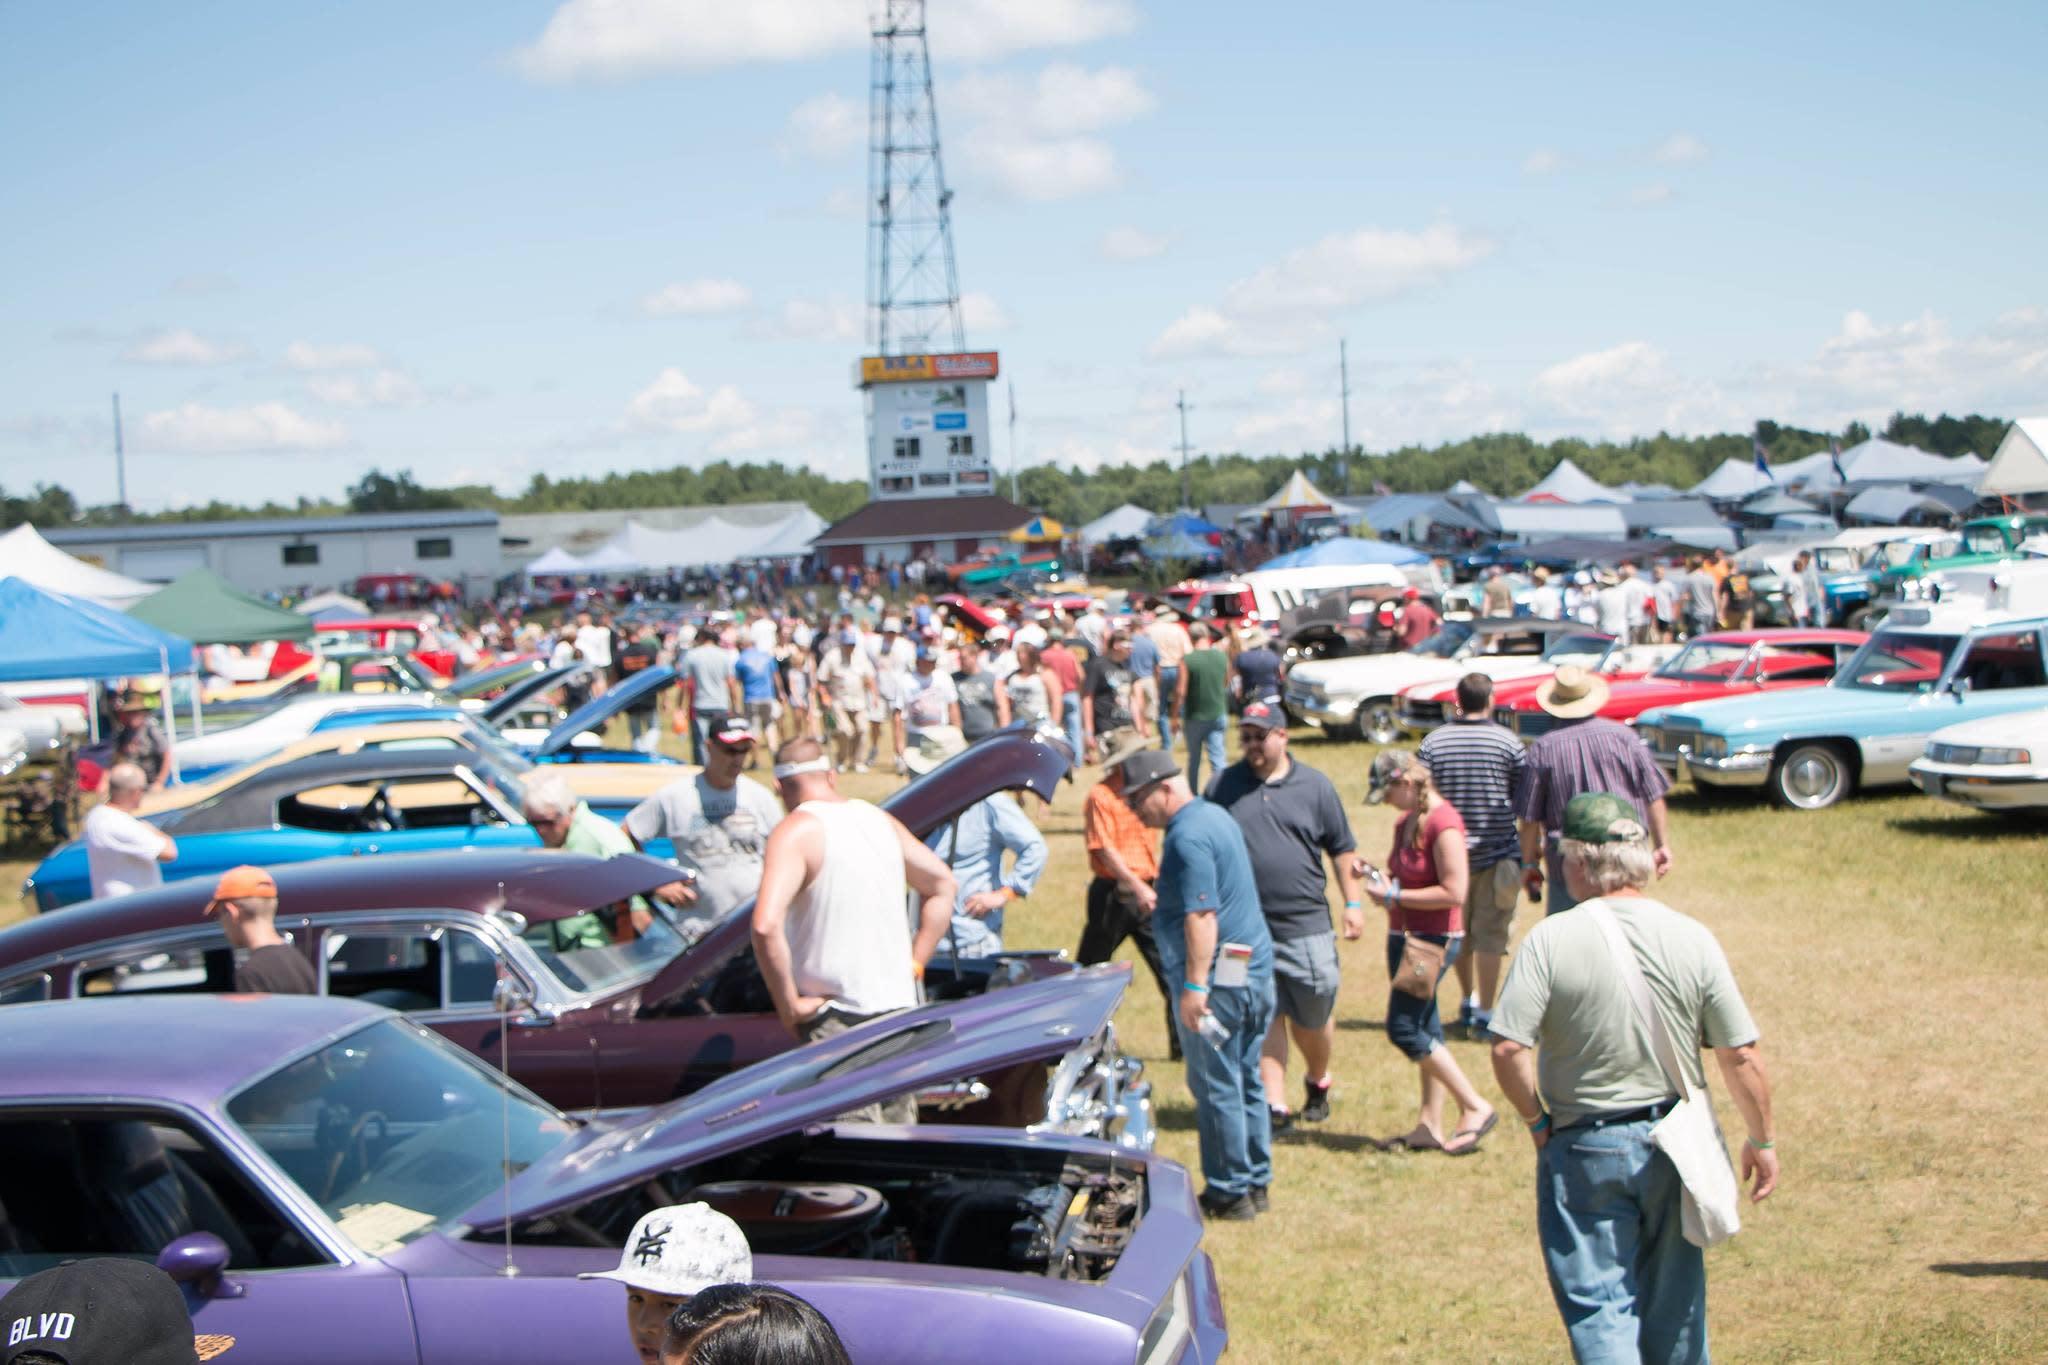 Iola Car Show - Wisconsin classic car show calendar